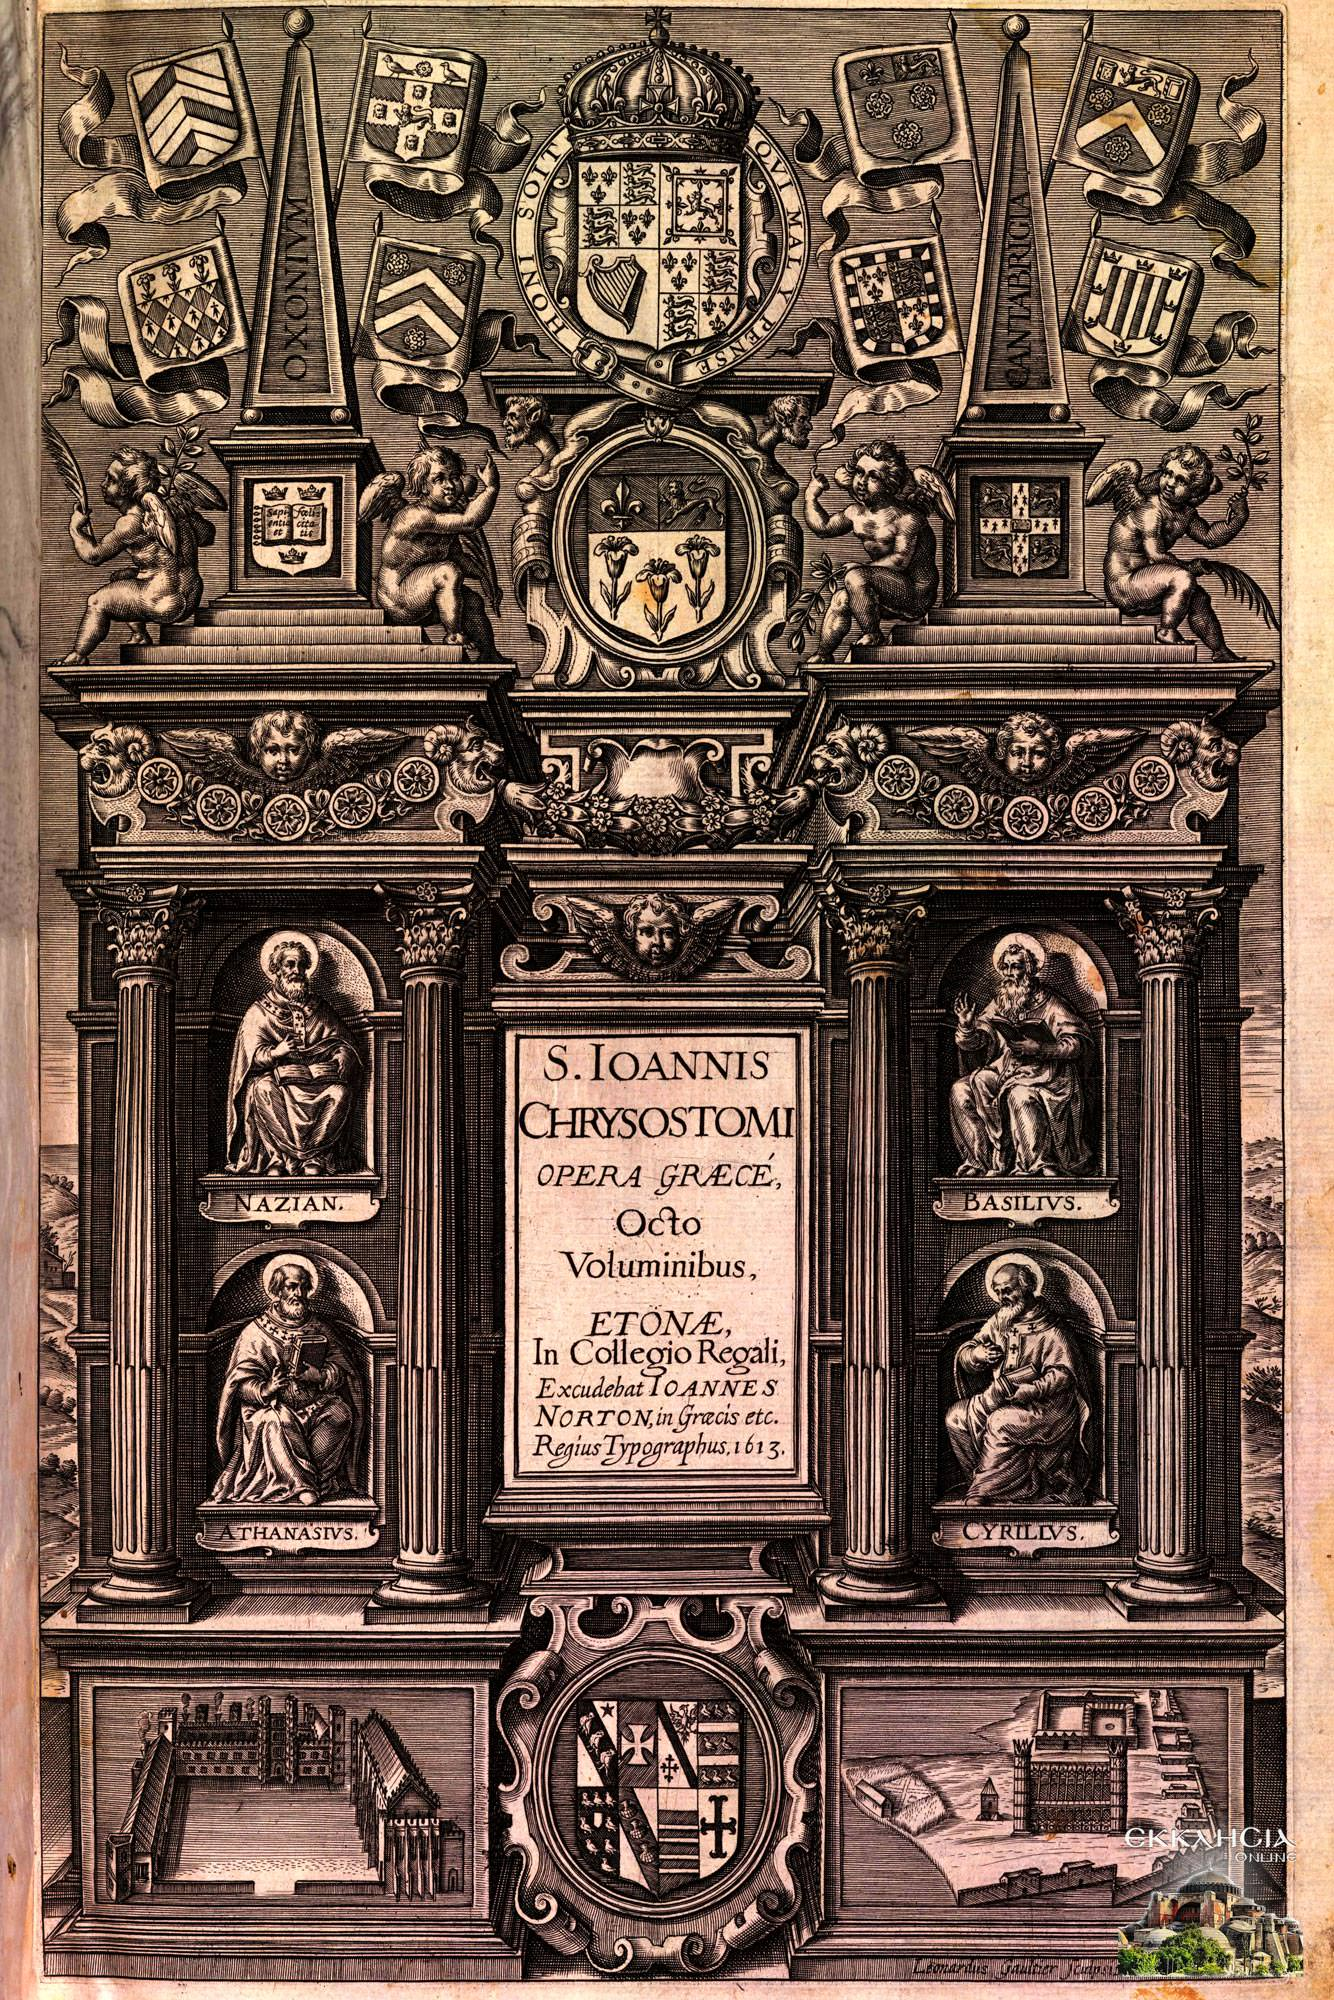 Χειρόγραφα Ιερά Μονή Σινά